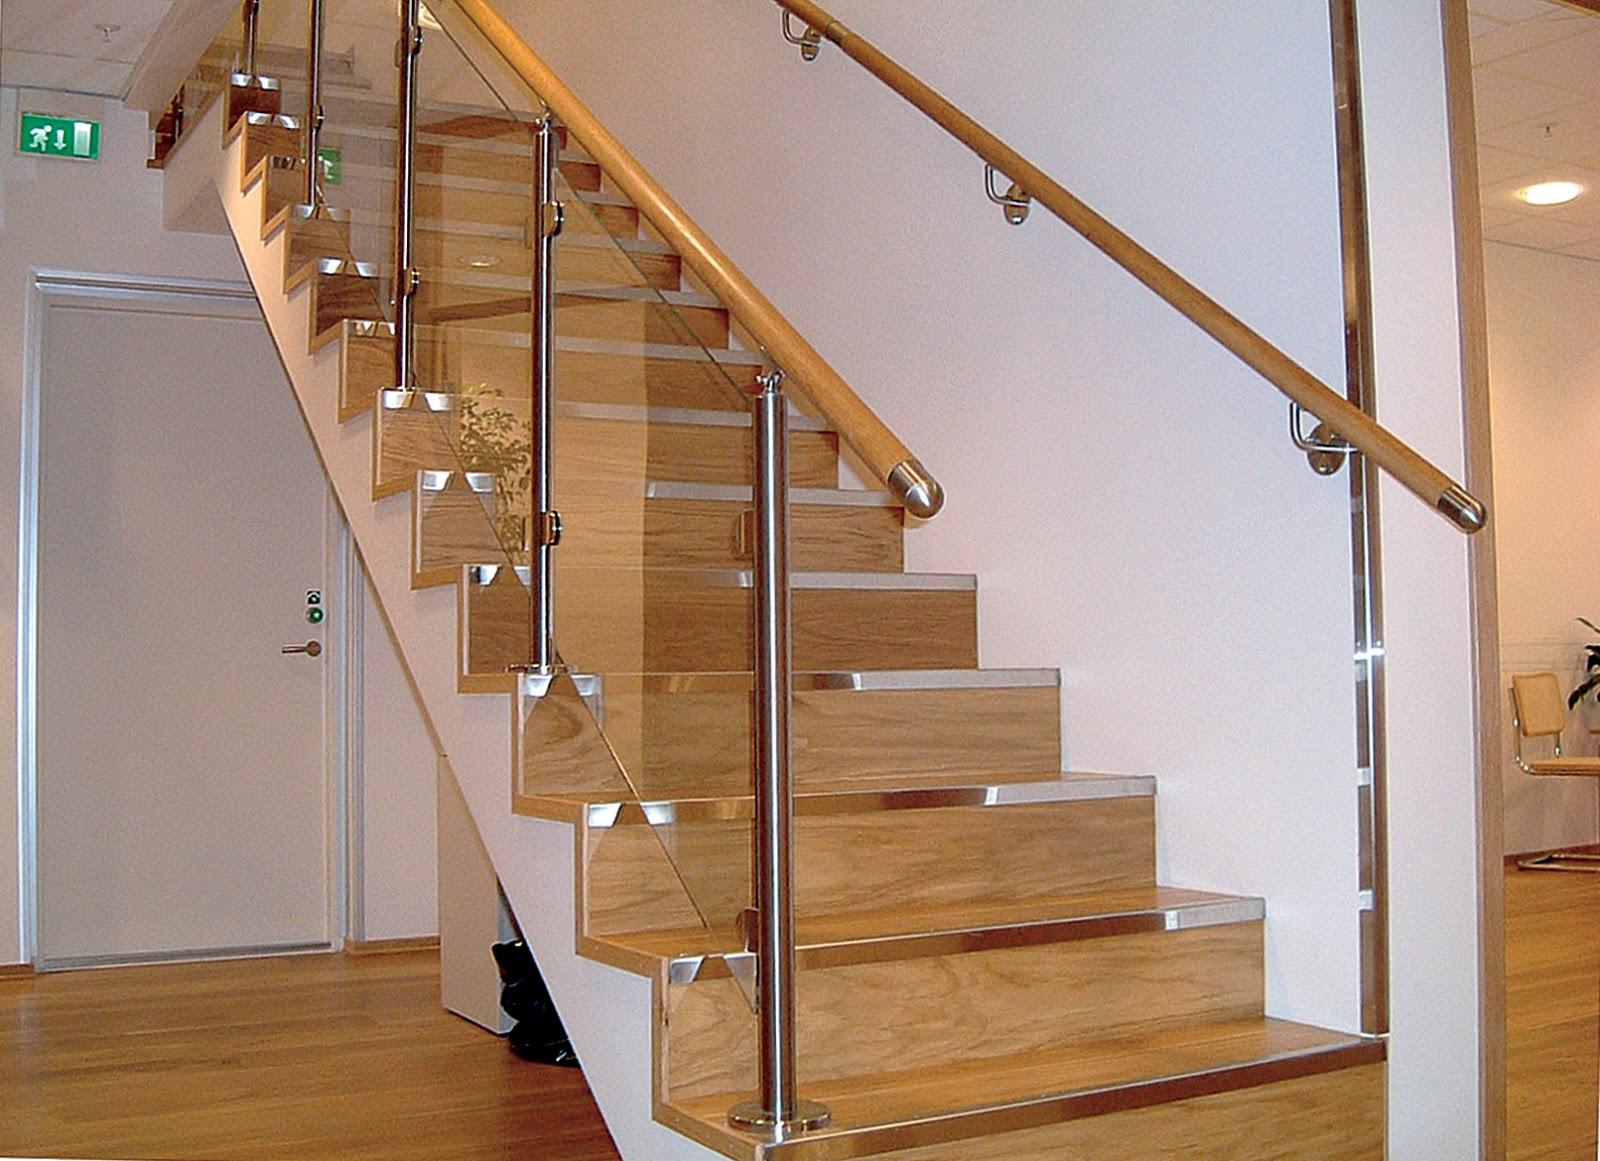 Fabulous H&K Treppenrenovierung: Holztreppengeländer renovieren? So geht es  LG68